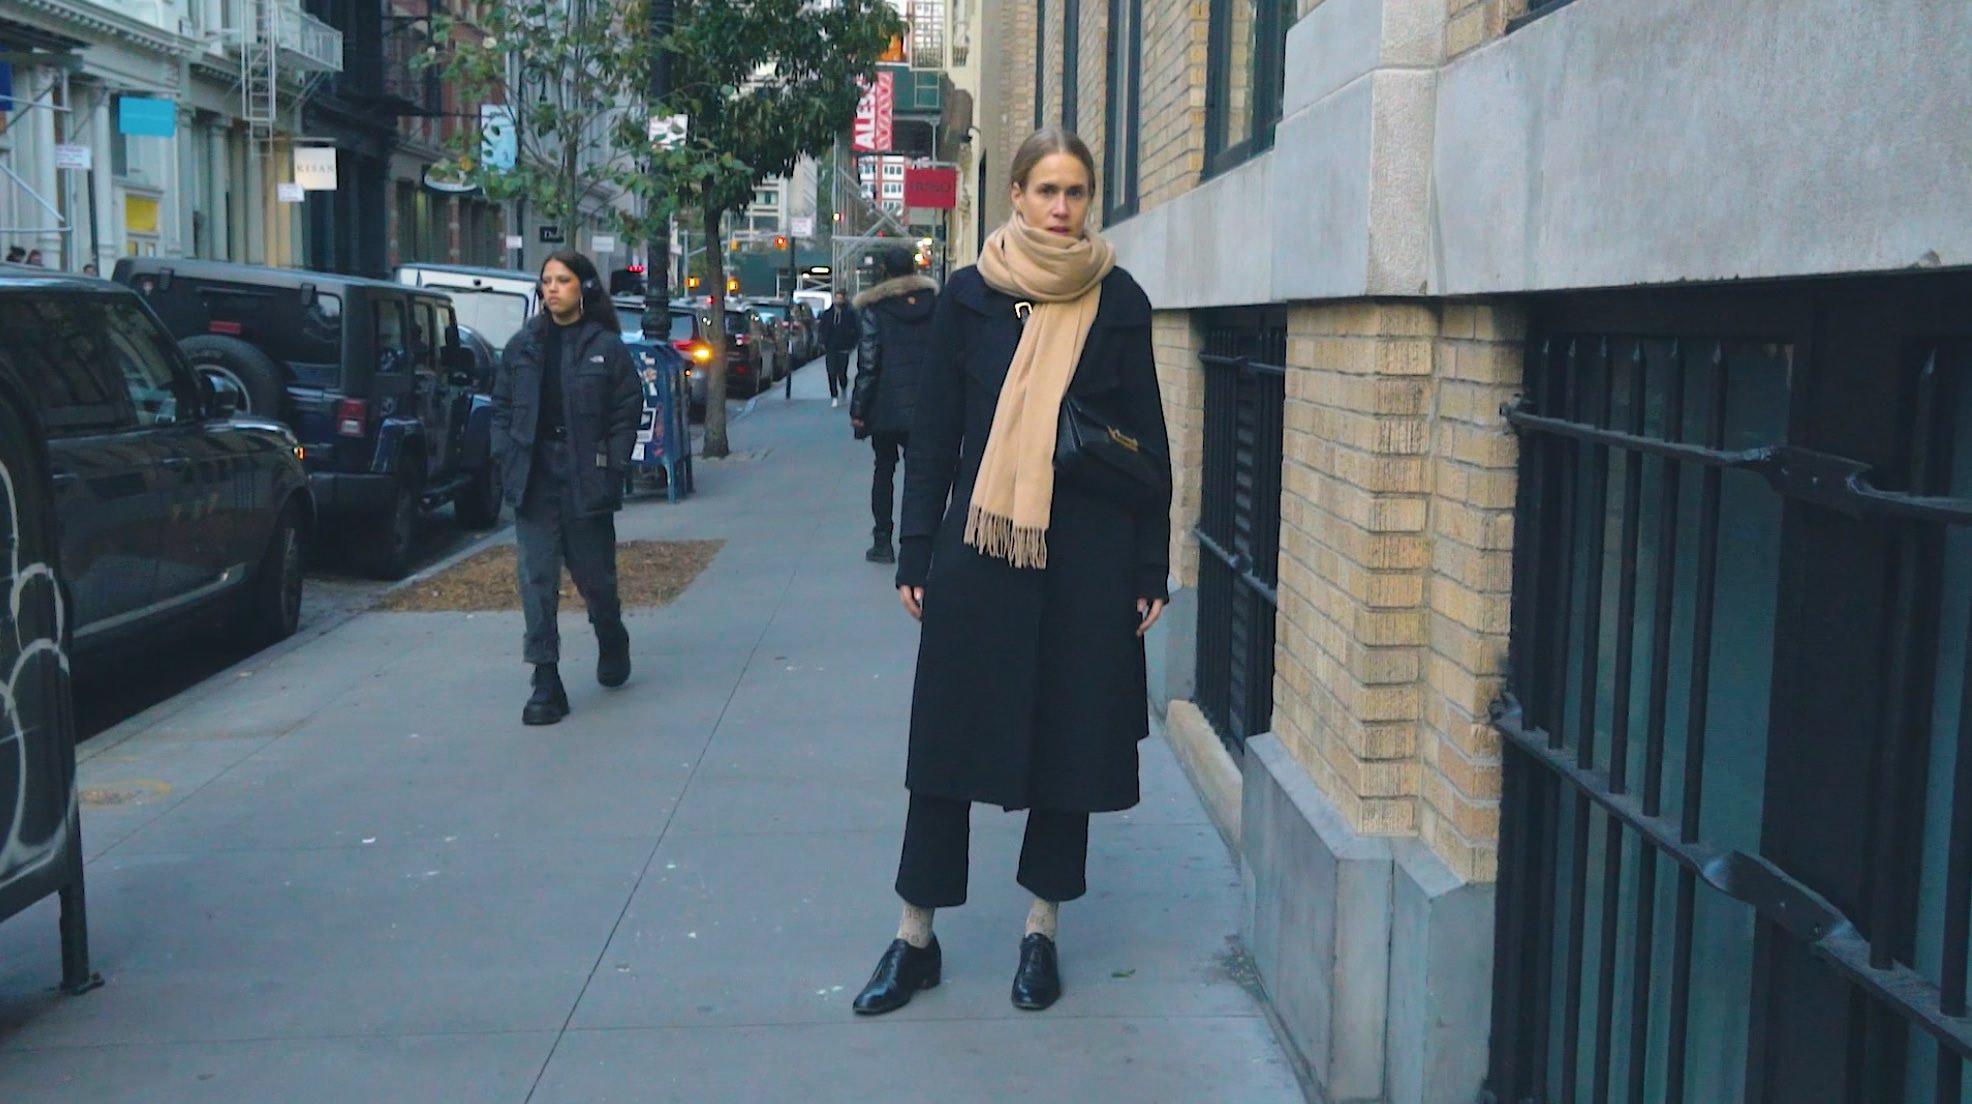 【NY】クオリティを重視したベーシックな大人スタイル